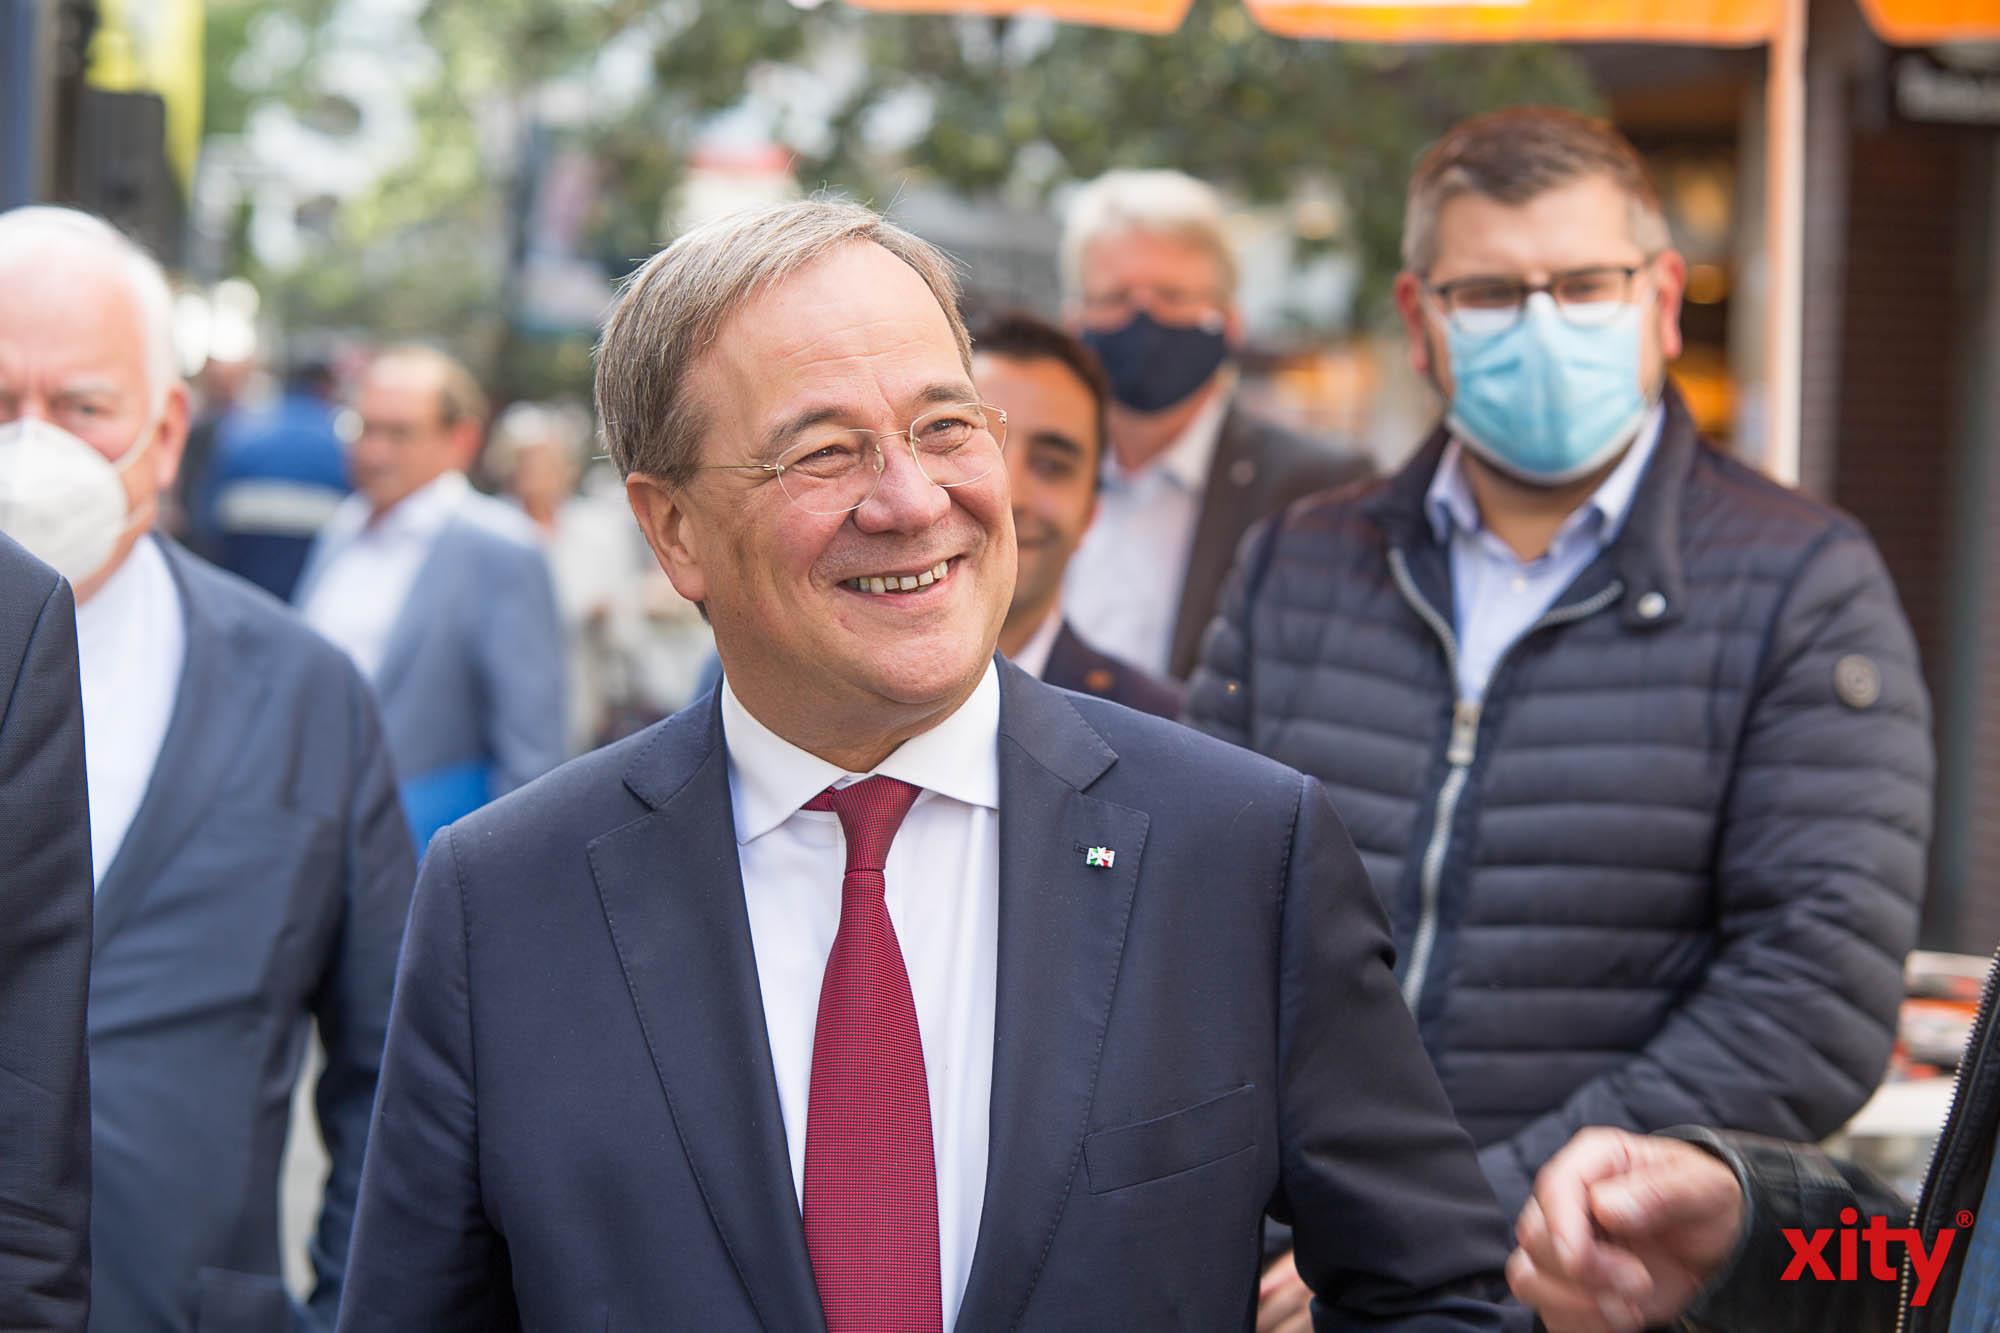 Der NRW-Ministerpräsident Armin Laschet zu Besuch in Düsseldorf (Foto: xity)